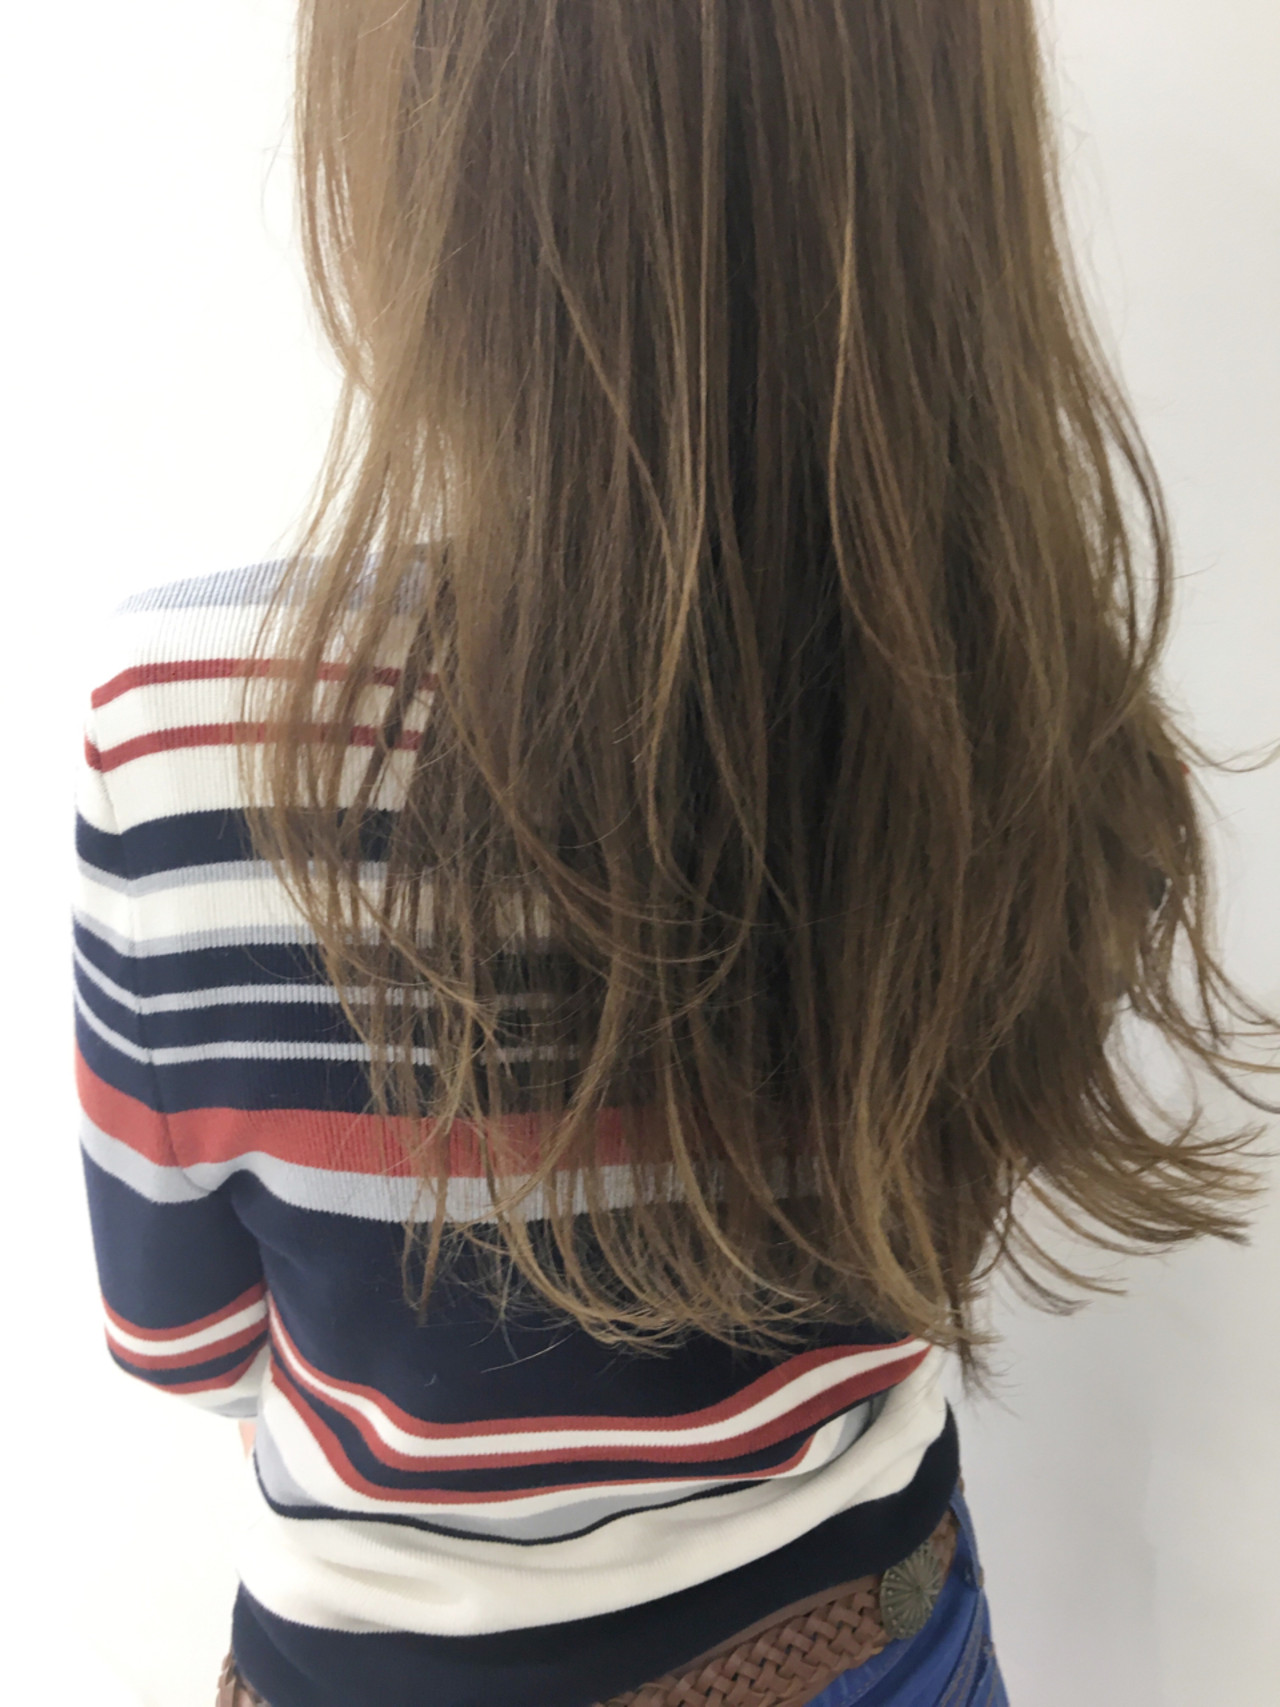 セミロング ハイライト 外国人風 ガーリー ヘアスタイルや髪型の写真・画像 | 中島 潮里 / whyte / whyte